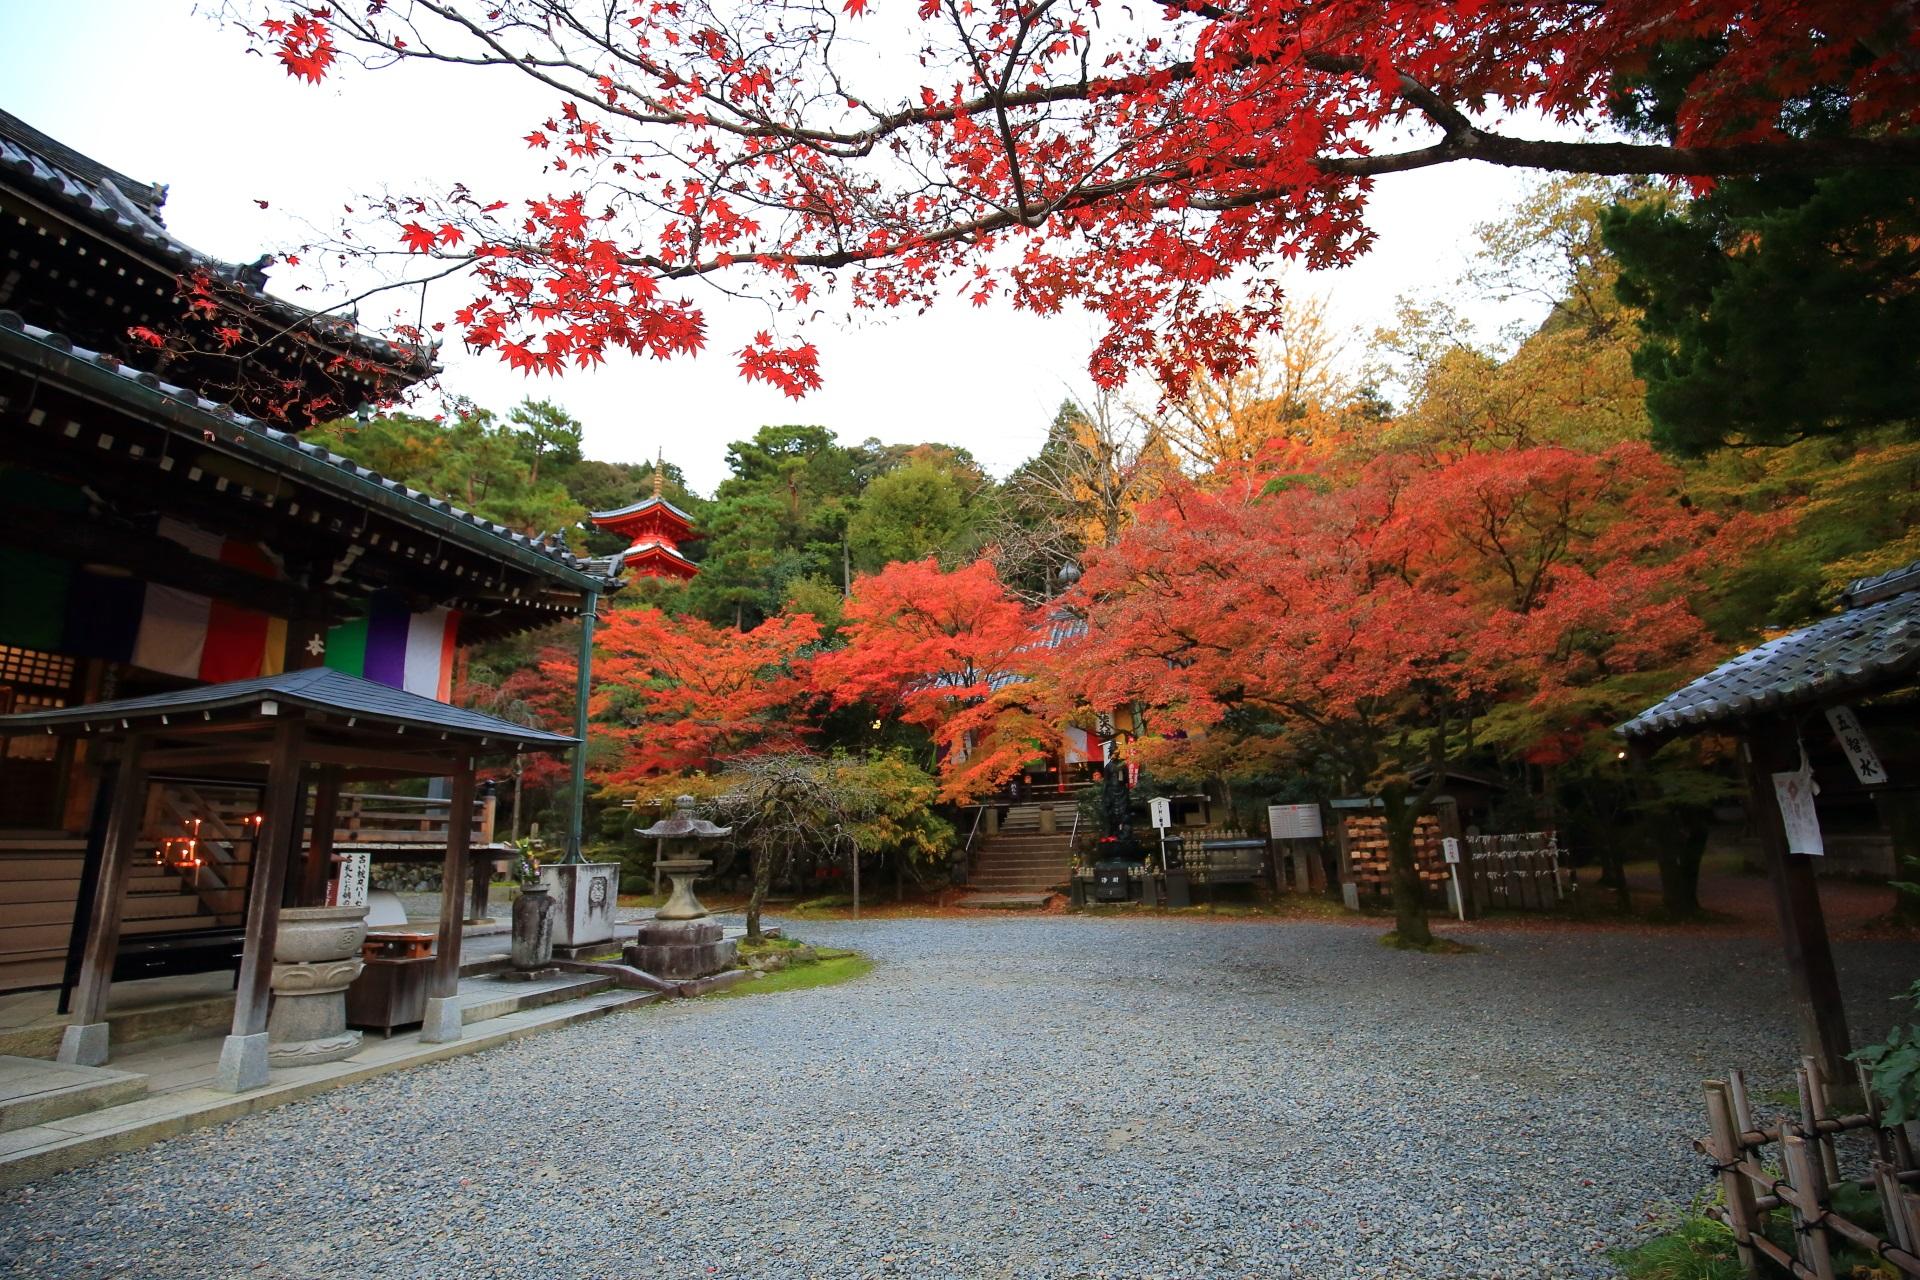 見事な秋色につつまれた今熊野観音寺の境内